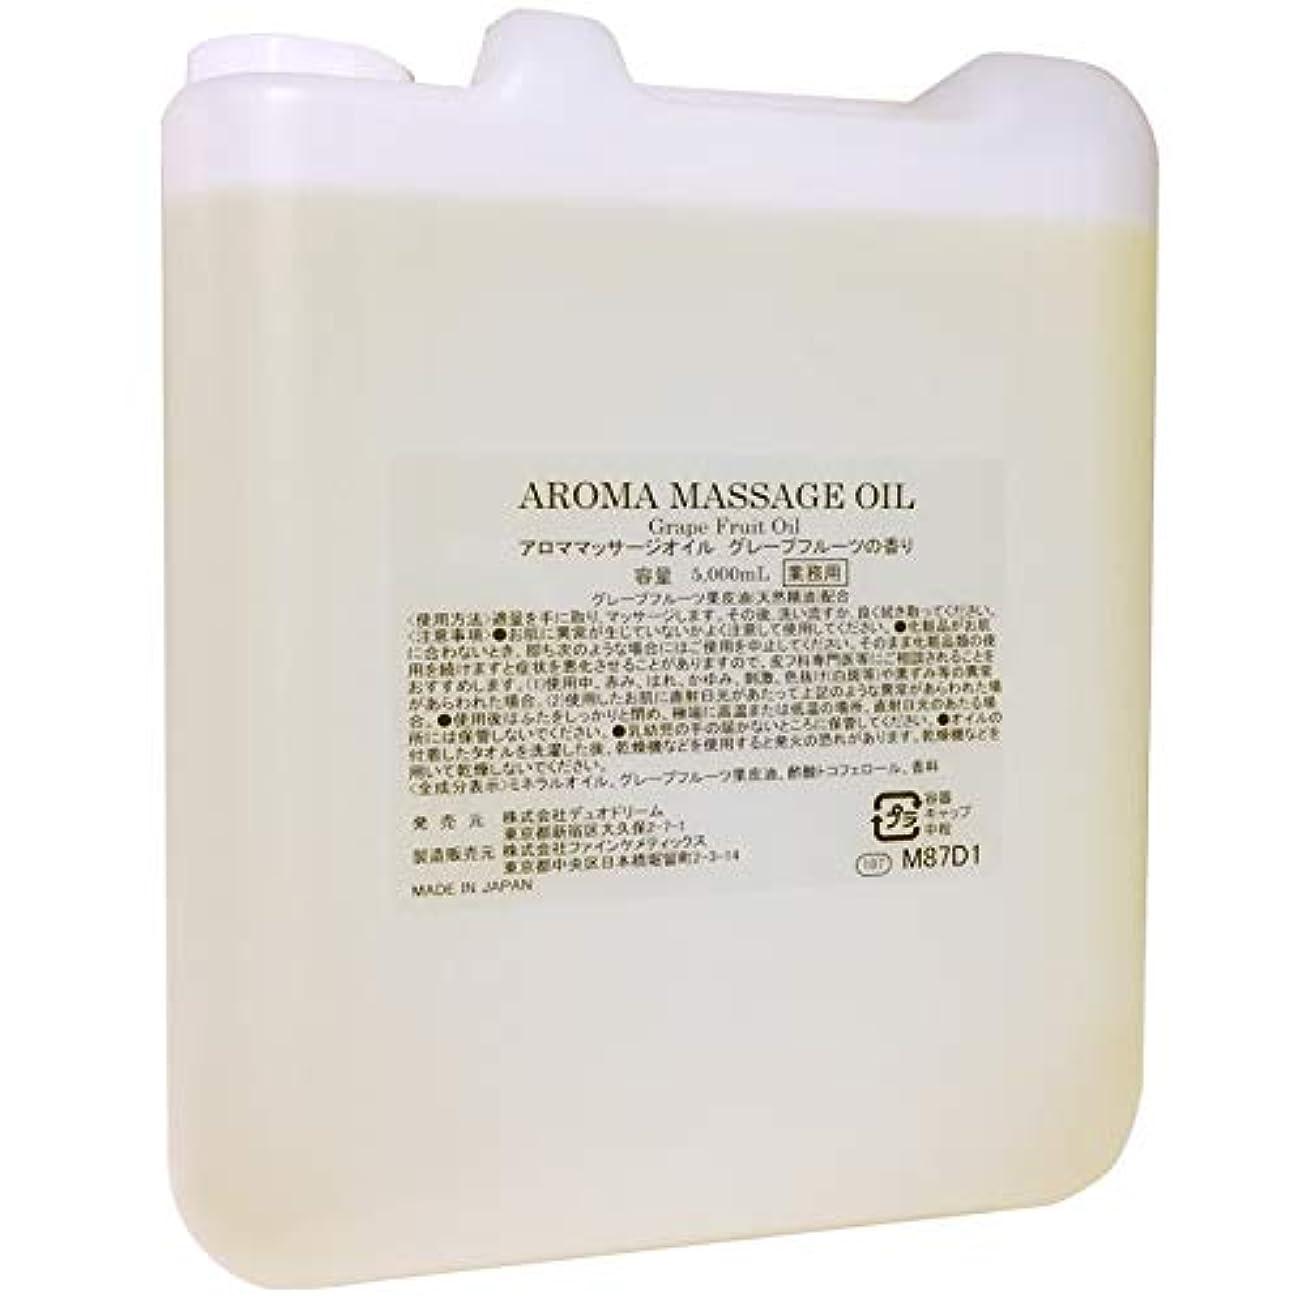 再発する手伝うタービンアロマ マッサージオイル グレープフルーツ 5L / さっぱりタイプ/日本製